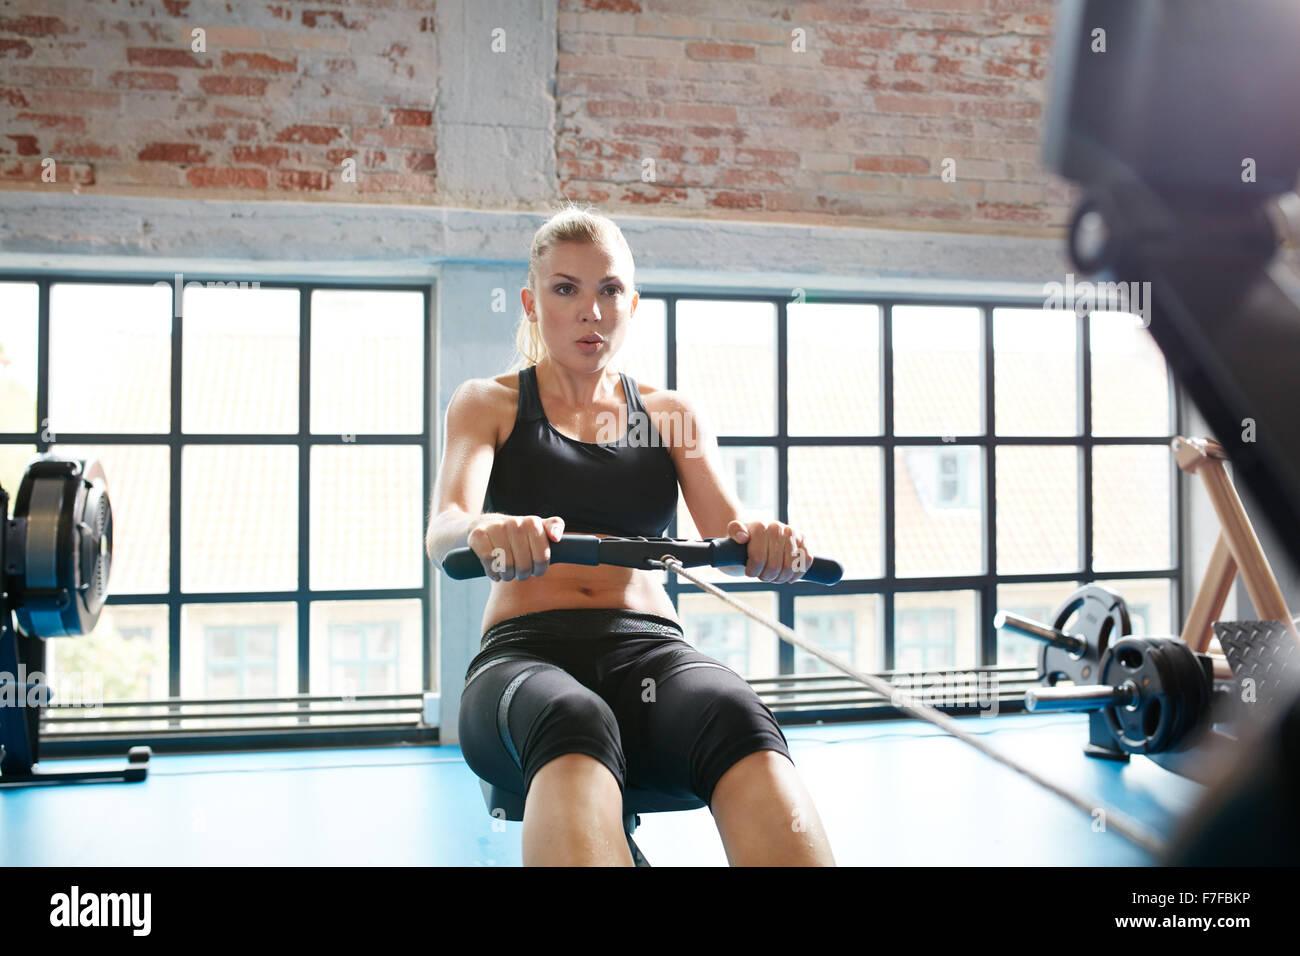 Mujeres caucásicas con máquina de remo en el gimnasio. Mujer joven haciendo ejercicios de cardio fitness Imagen De Stock